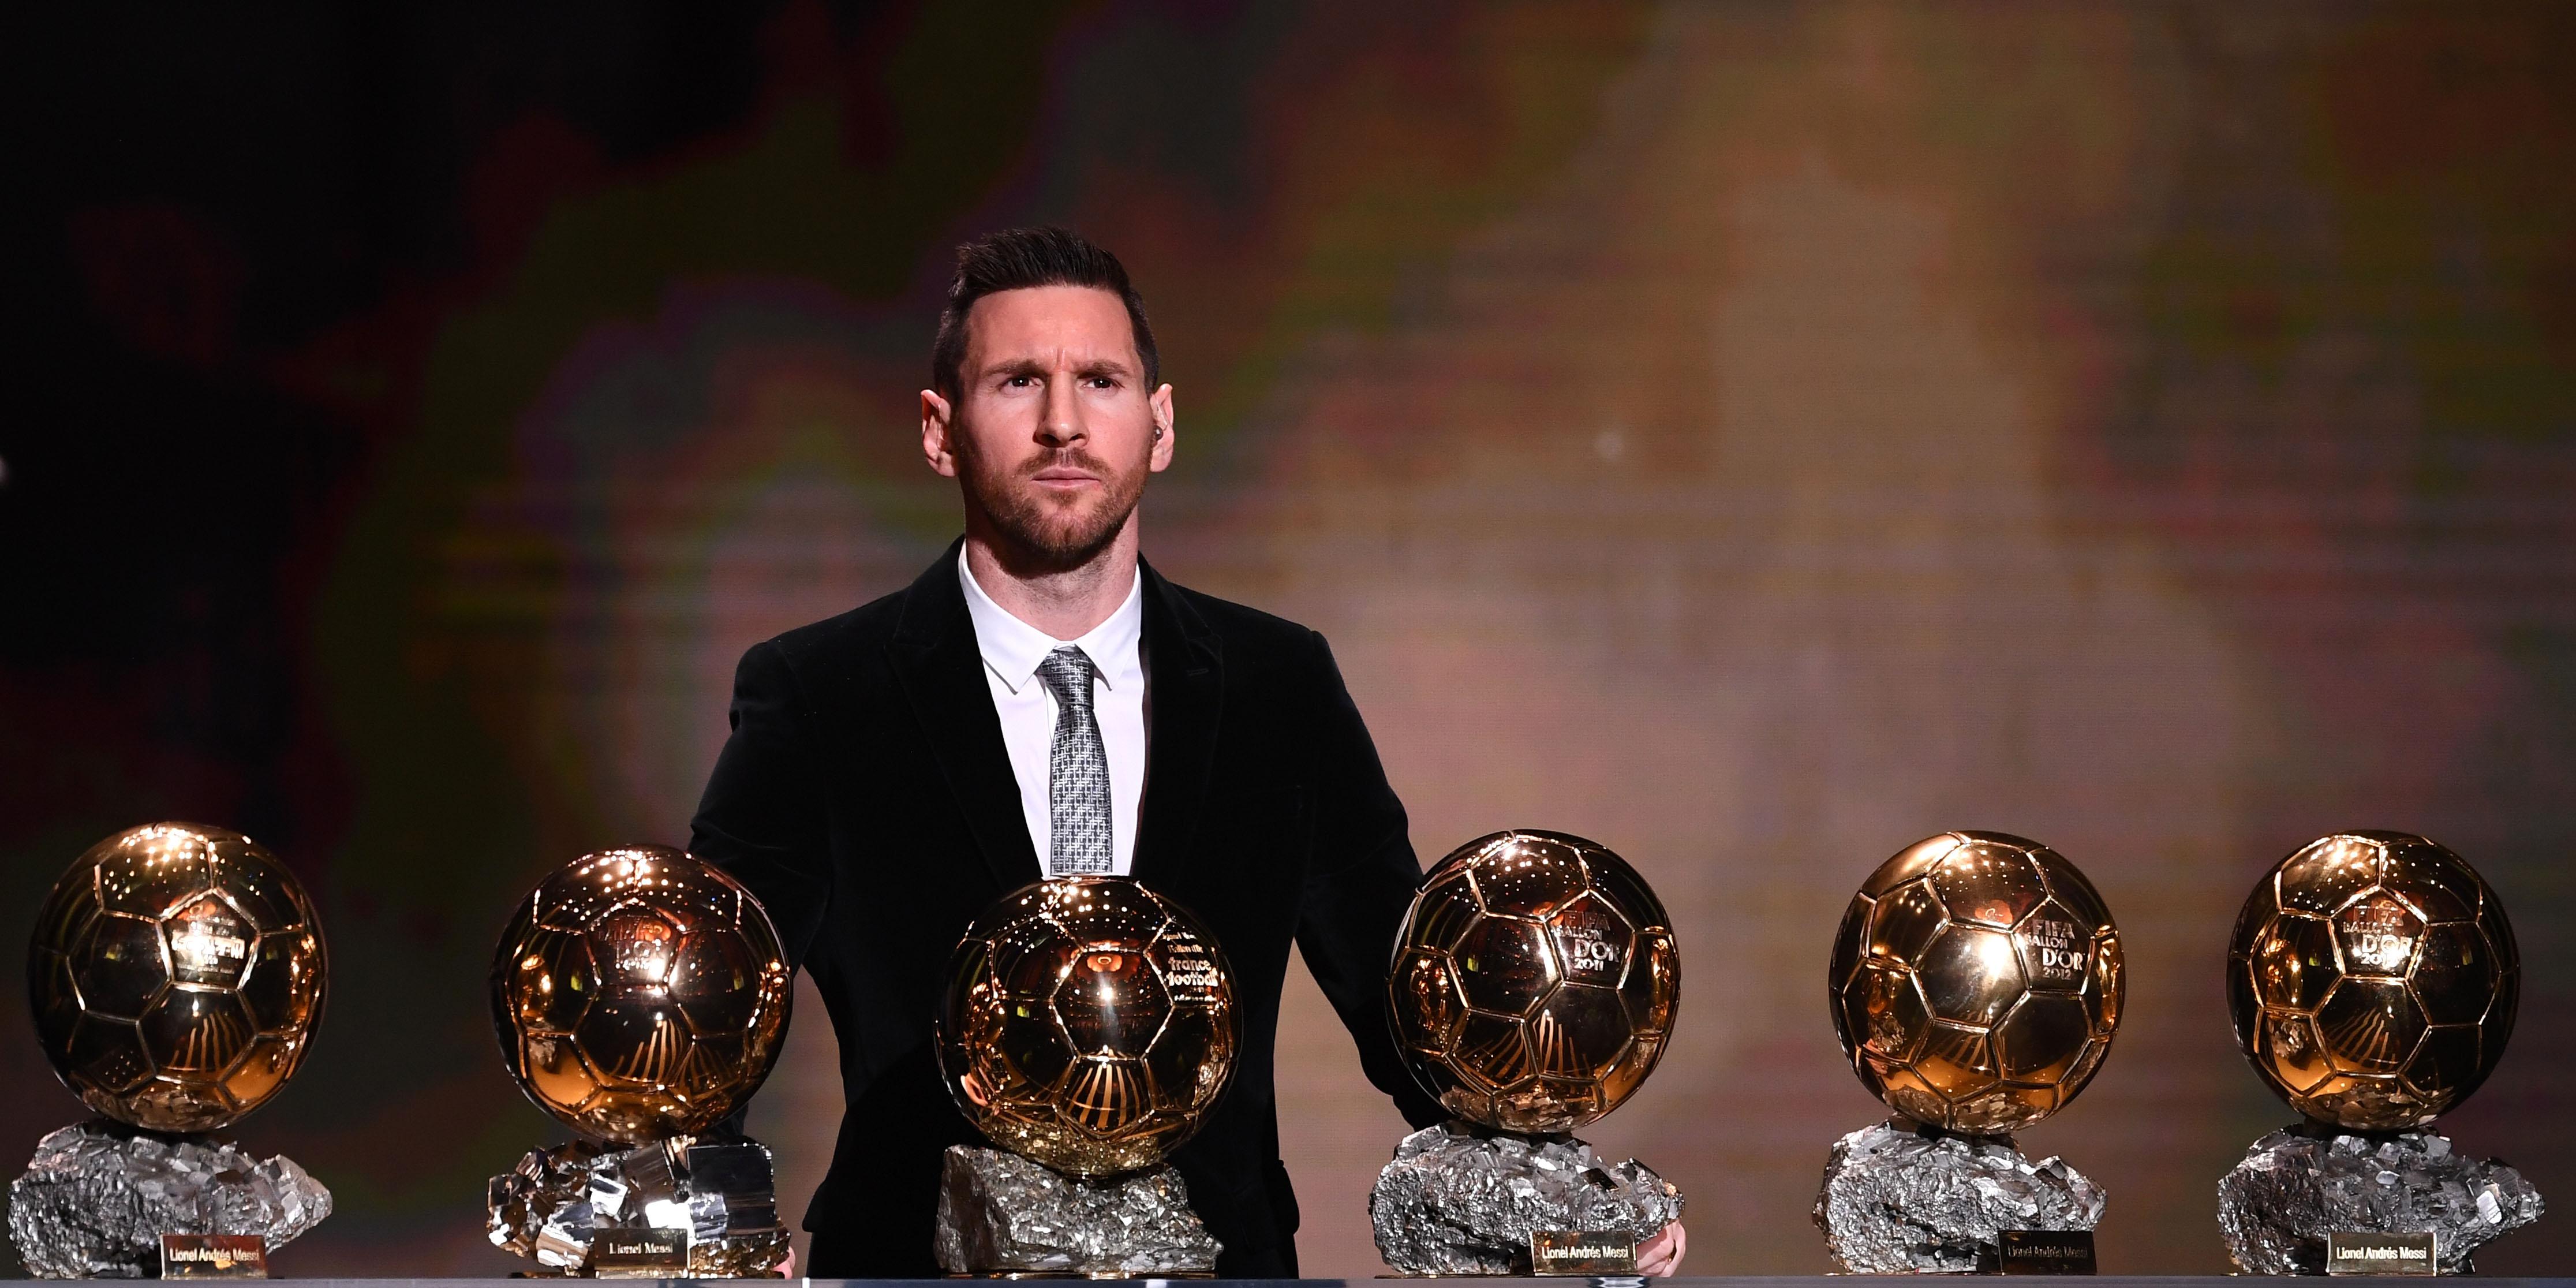 Football : l'Argentin Lionel Messi remporte son 6ème ballon d'or, un record